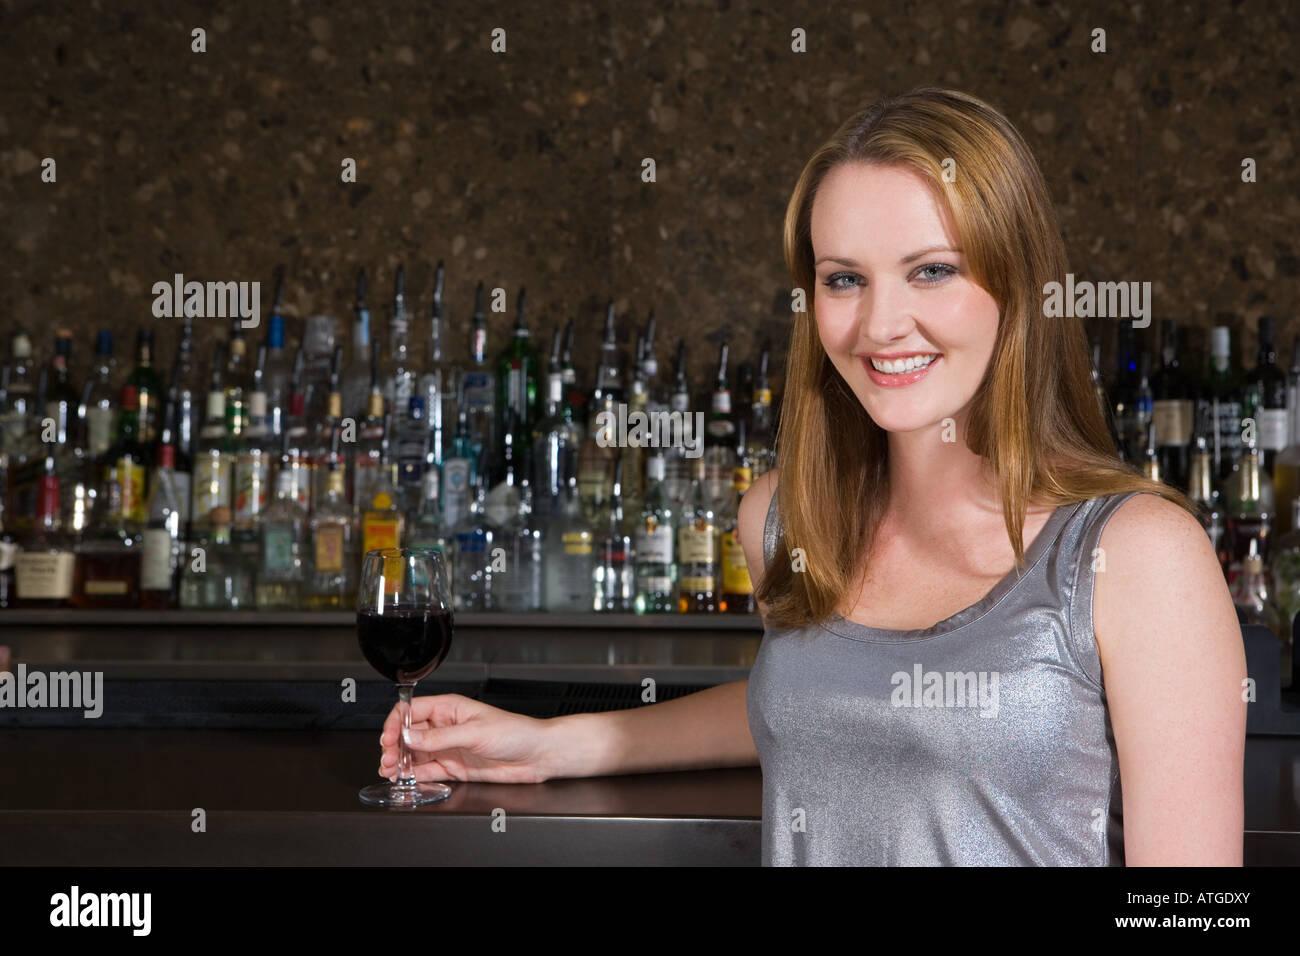 Mujer sonriente bebiendo vino en un bar. Foto de stock